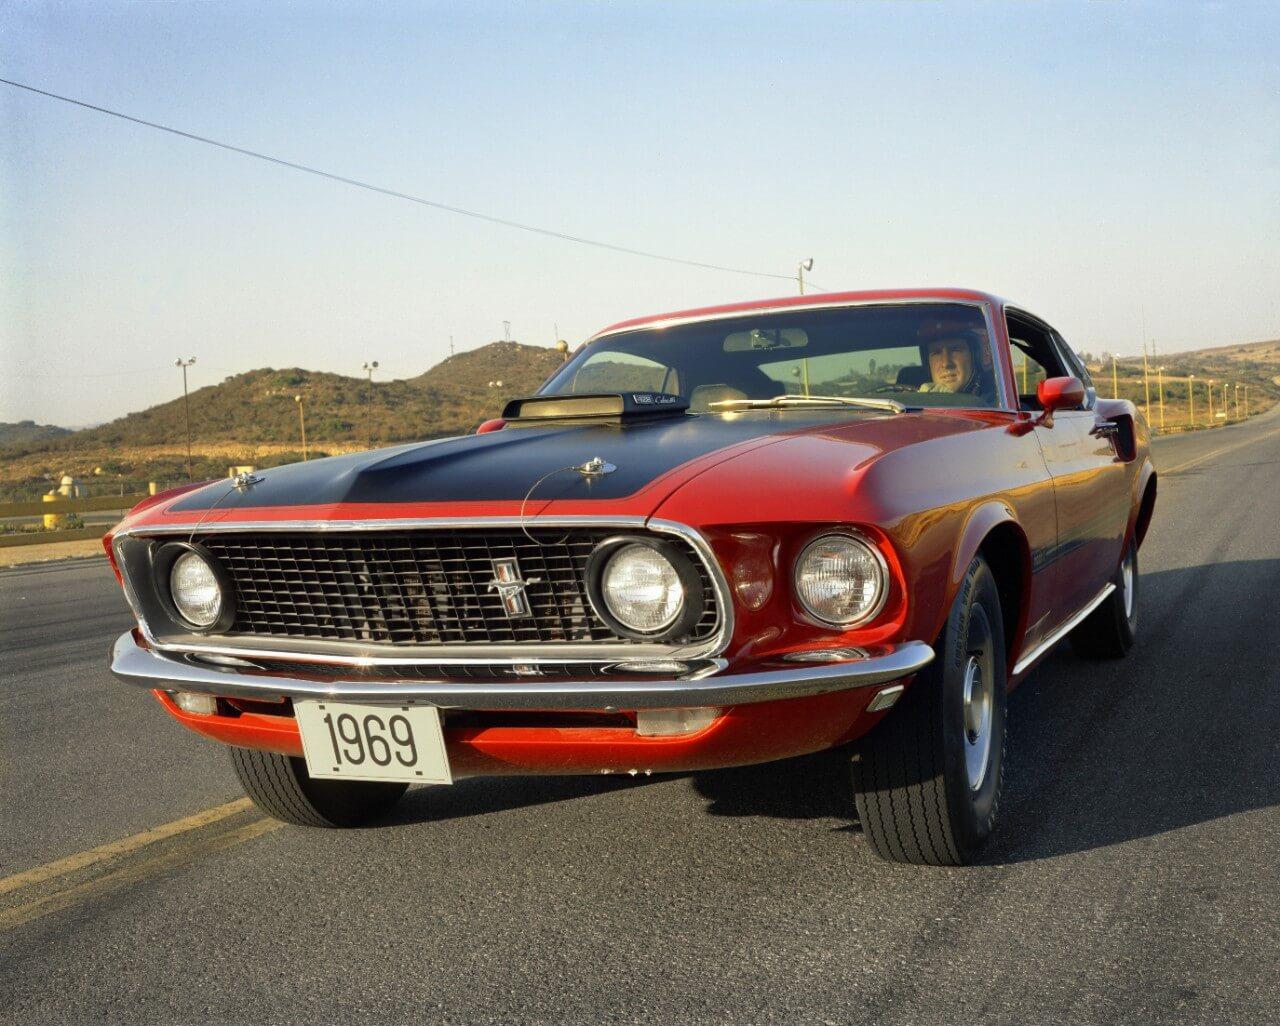 Ford Mustang Mach 1 1969 vermelho com faixa preta sobre o capô e entradas de ar e faróis auxiliares redondos na grade